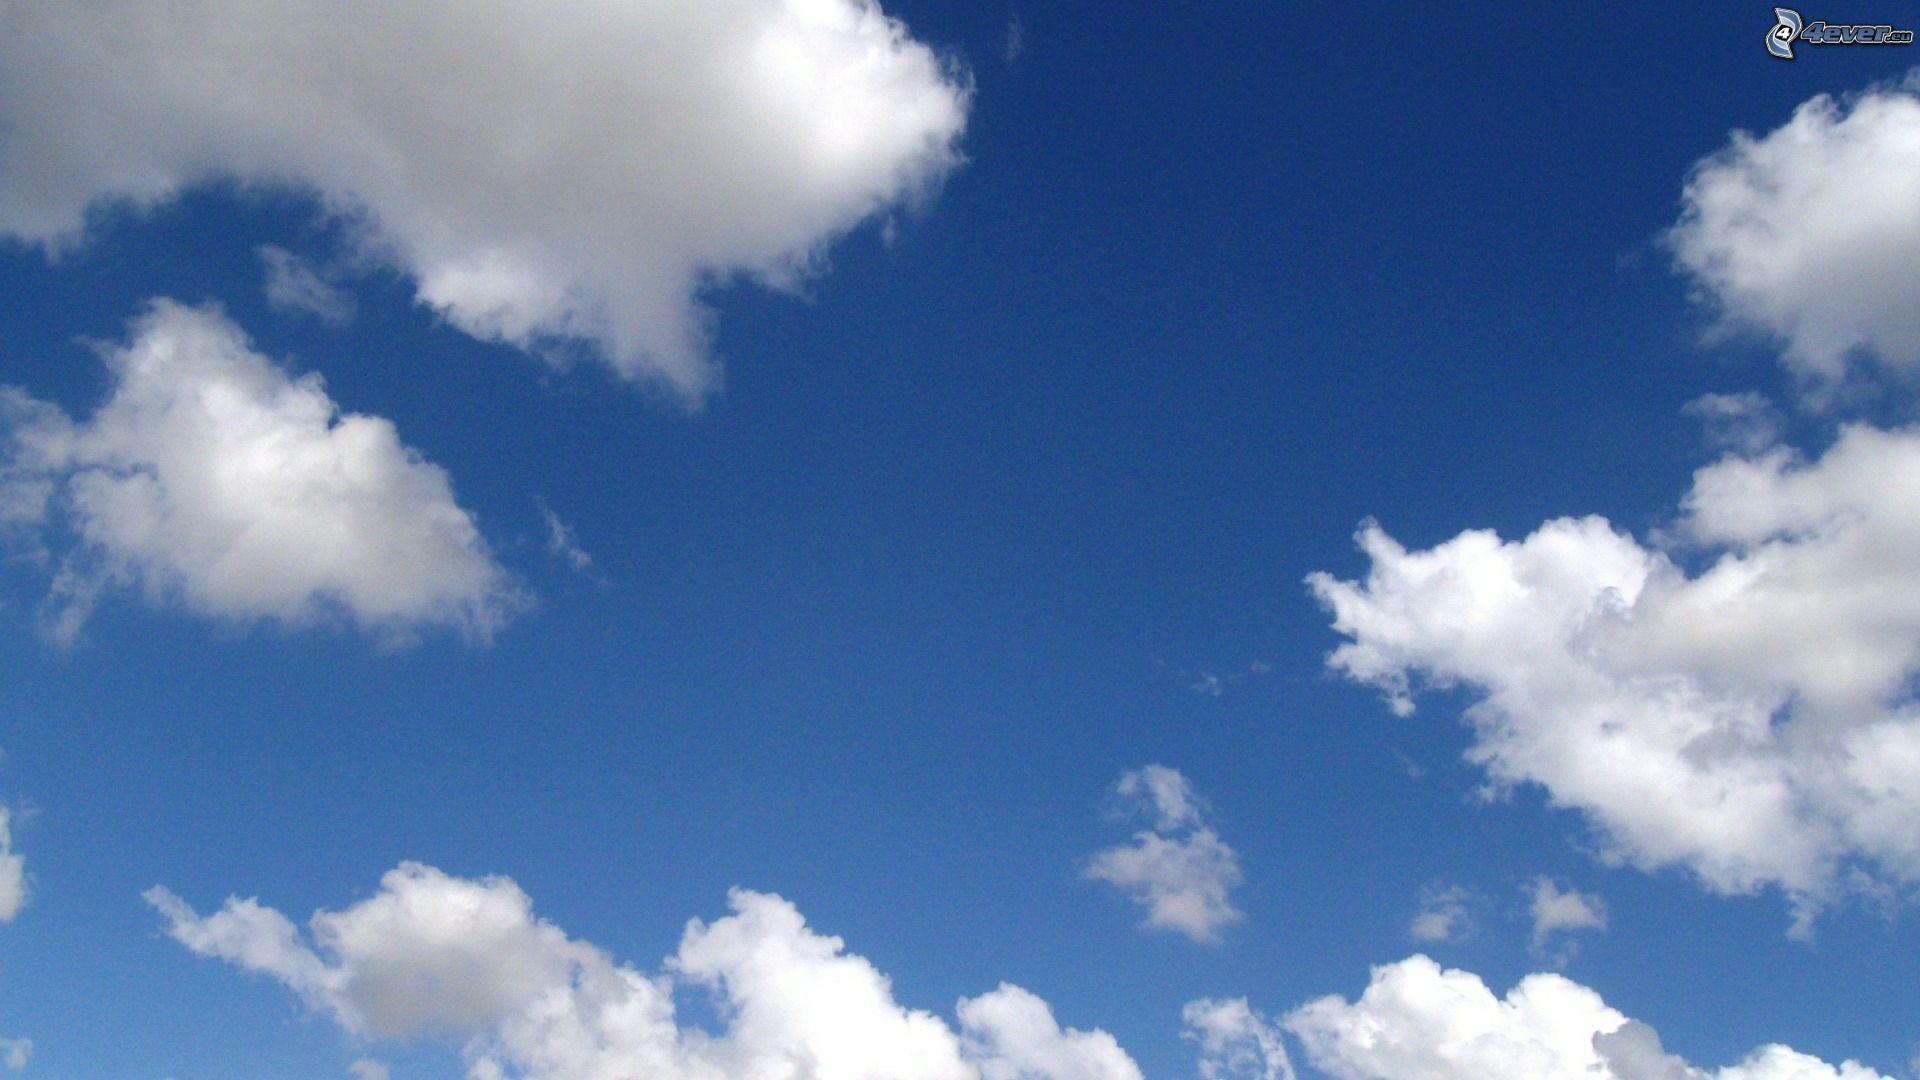 Fotos E Imagenes Cielo Azul Con Nubes: Cielo Azul